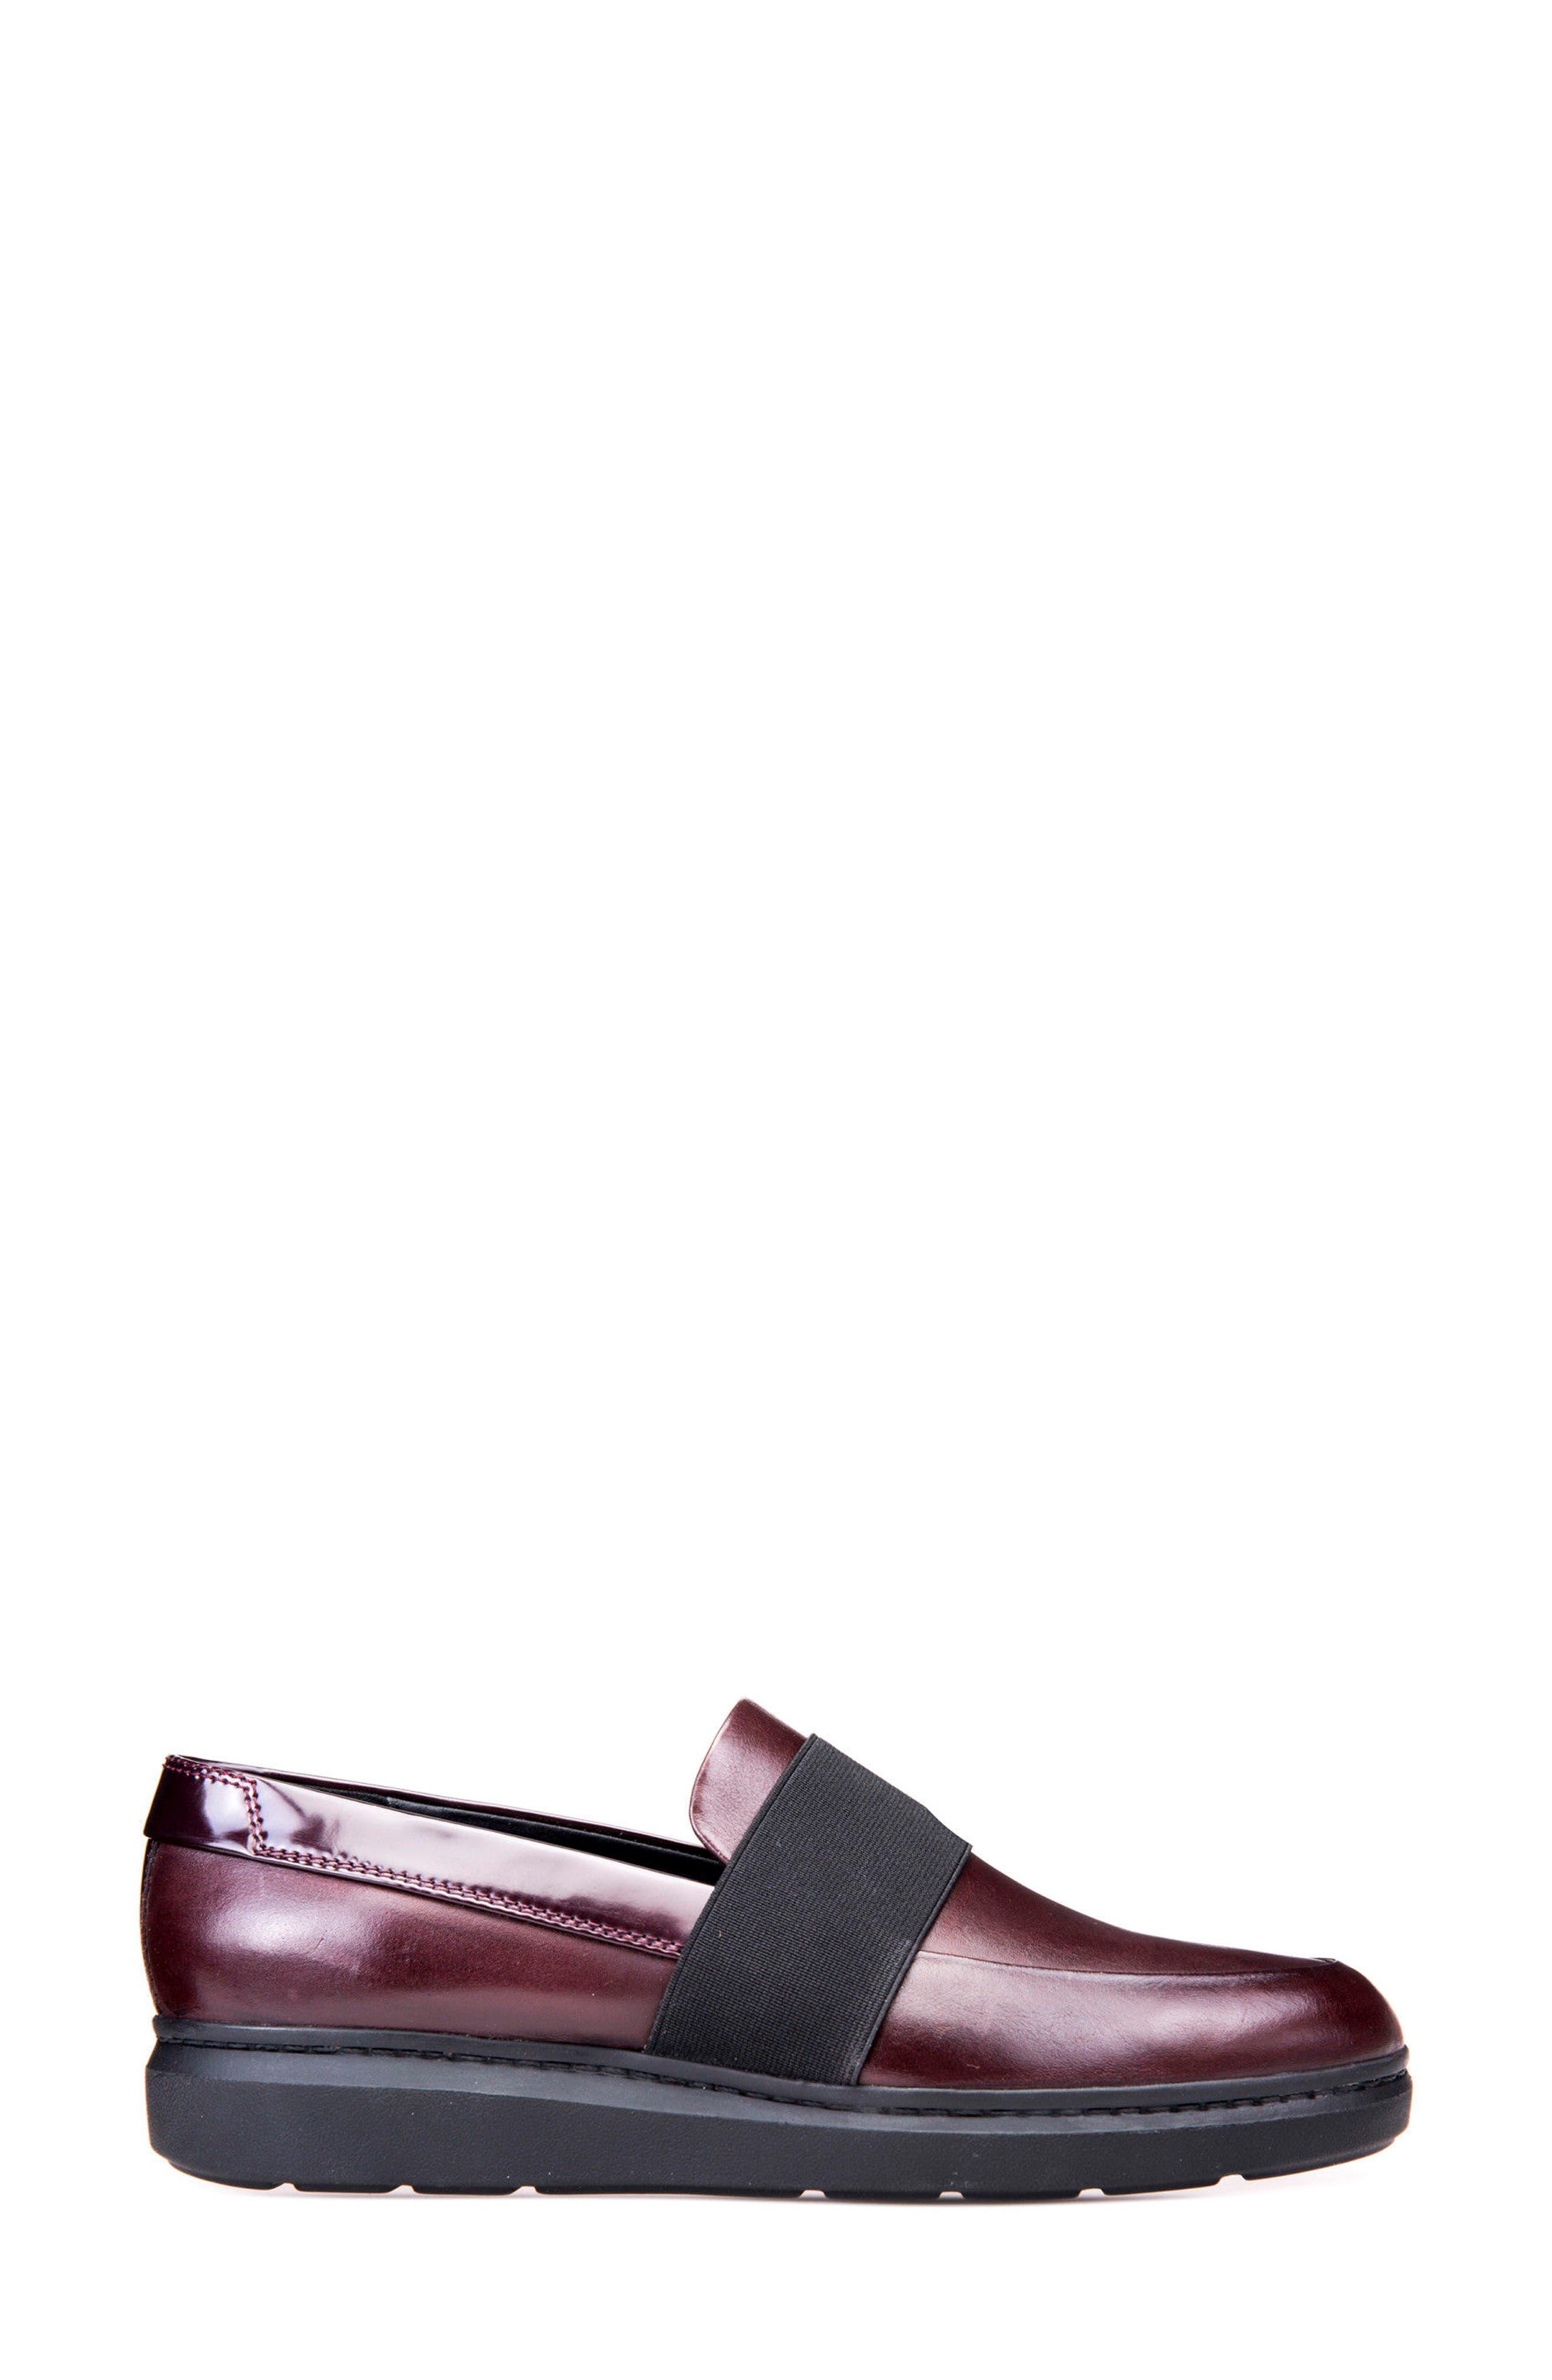 Jerrica Loafer,                             Alternate thumbnail 3, color,                             Dark Burgundy Leather